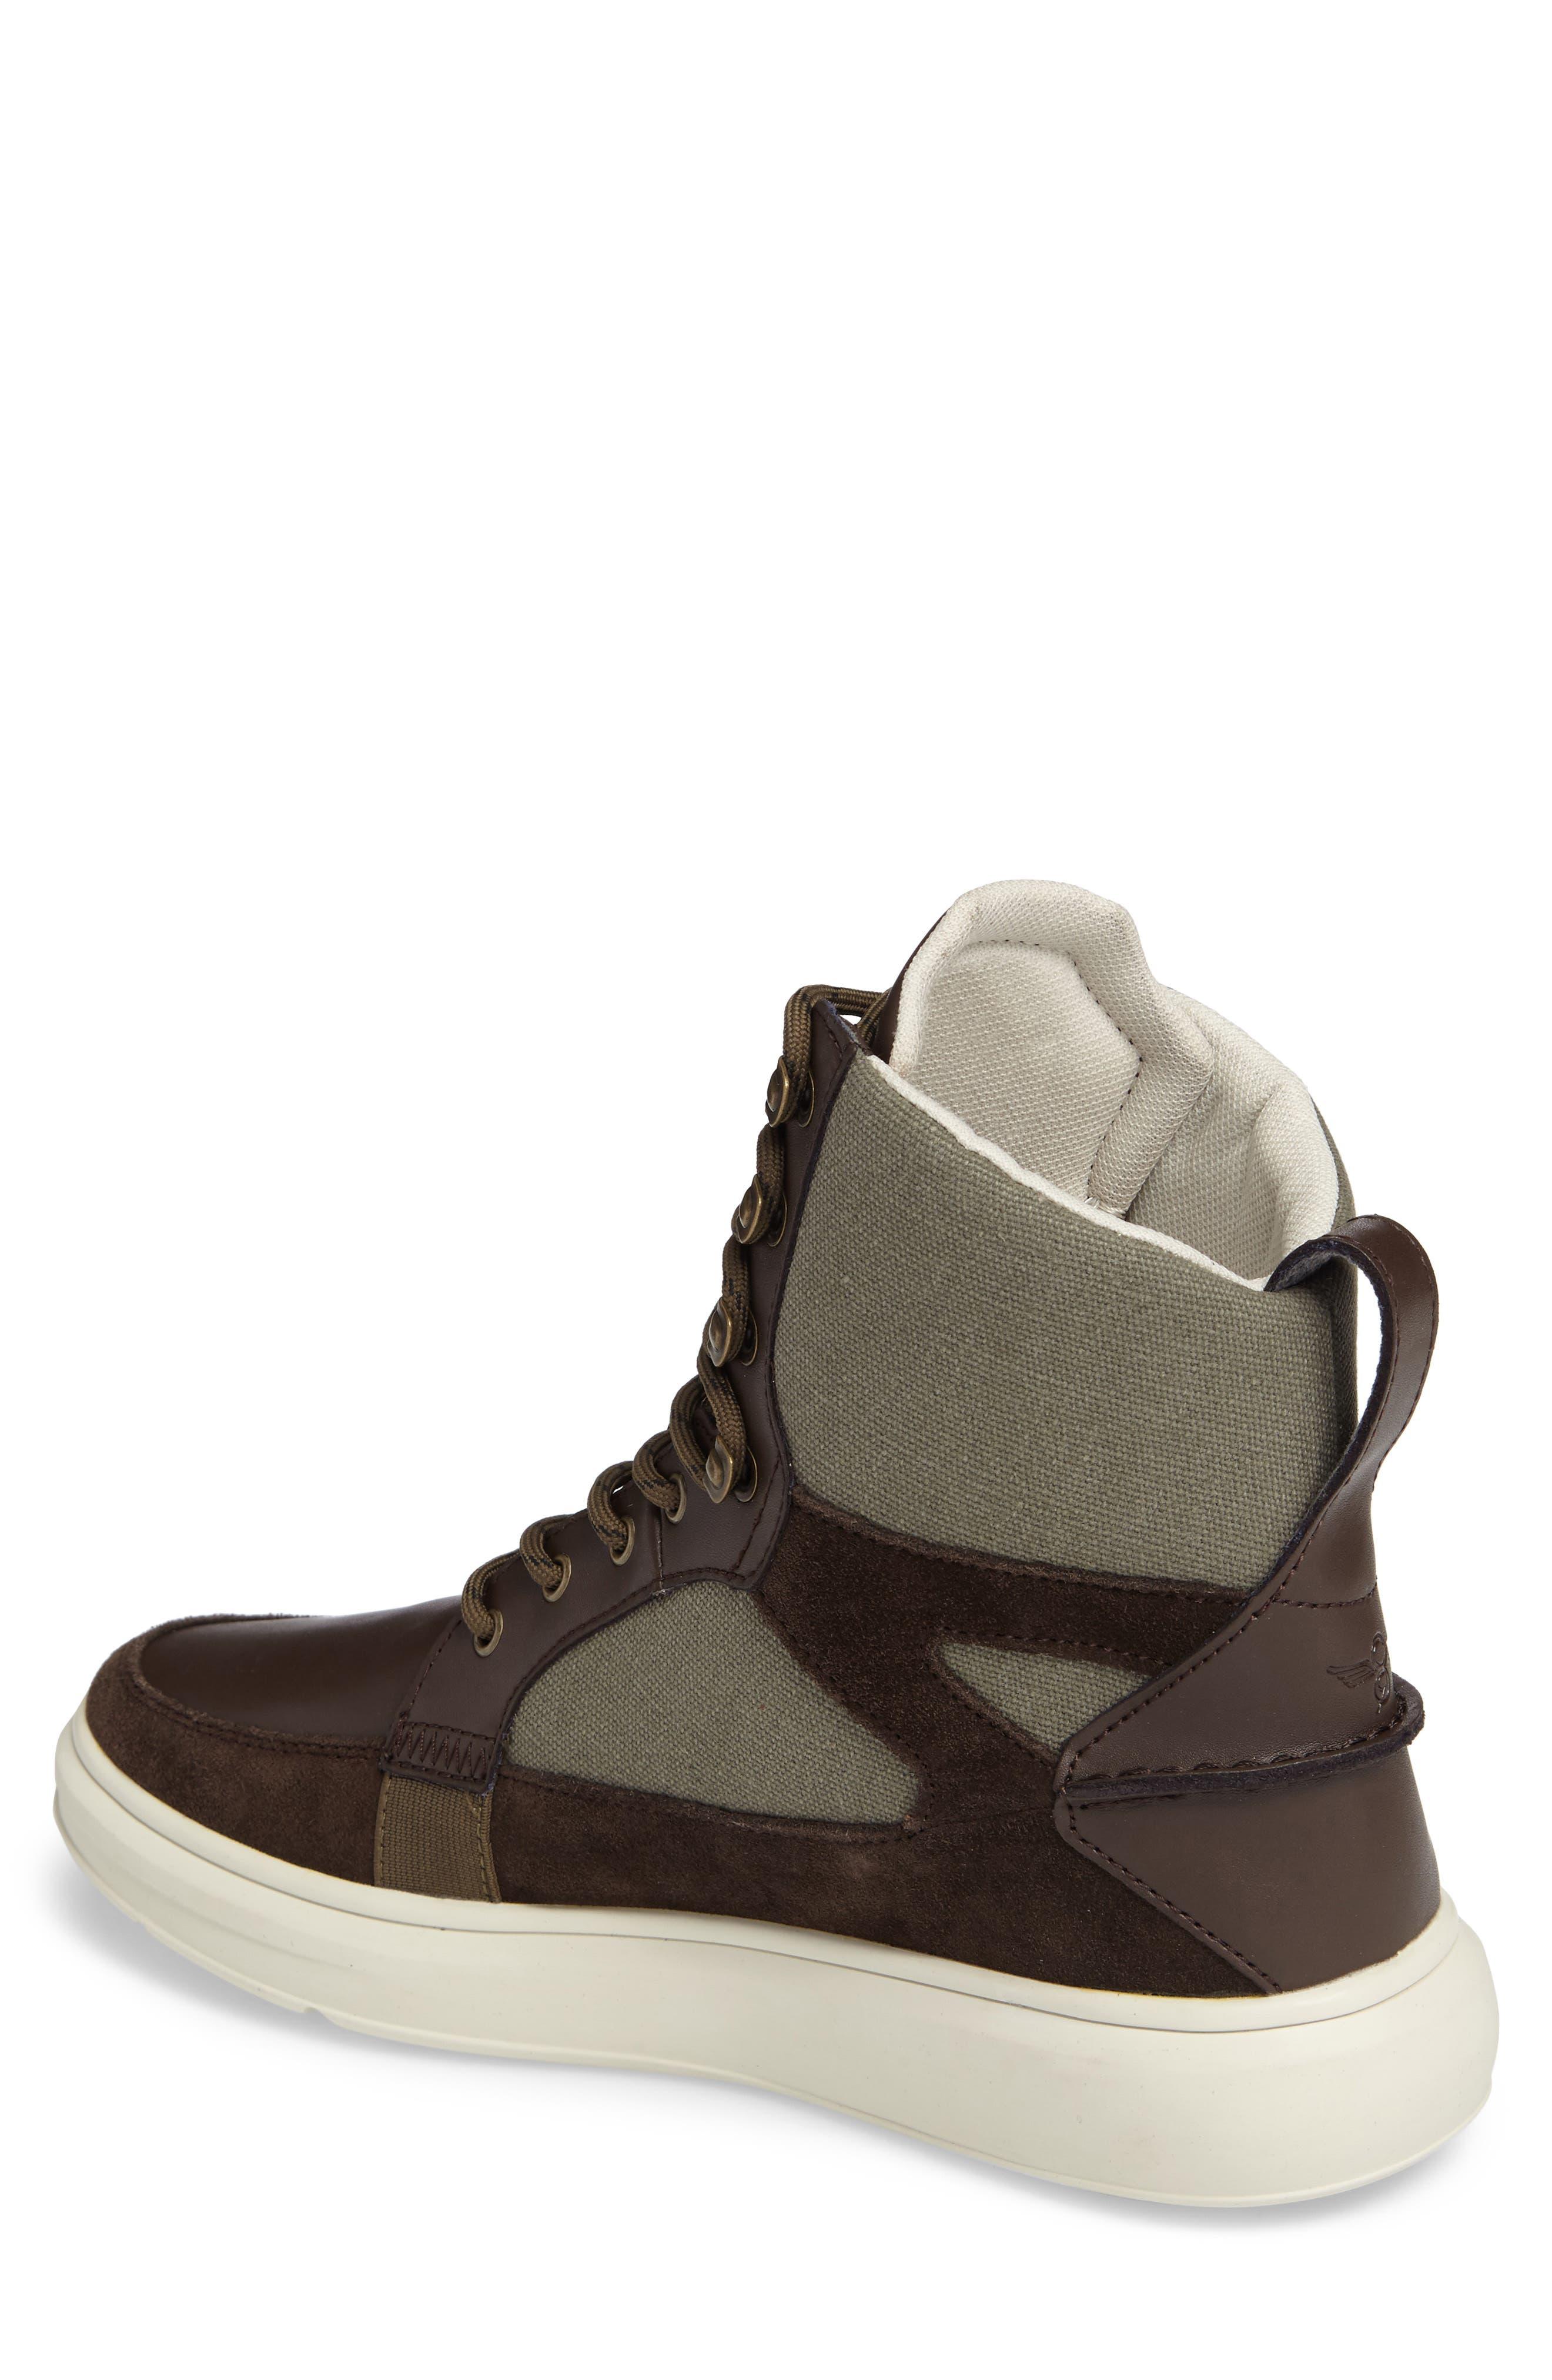 Alternate Image 2  - Creative Recreation Desimo High Top Sneaker (Men)